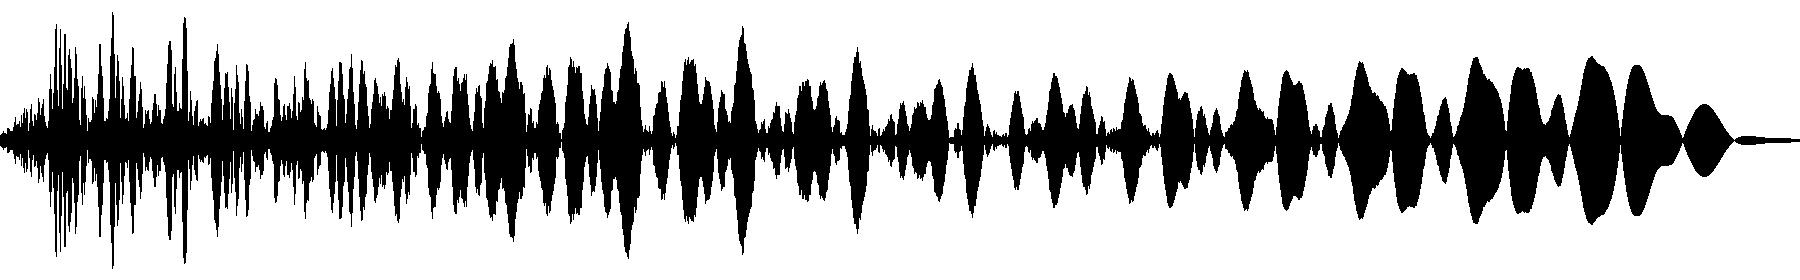 vedh bass cut 065 a